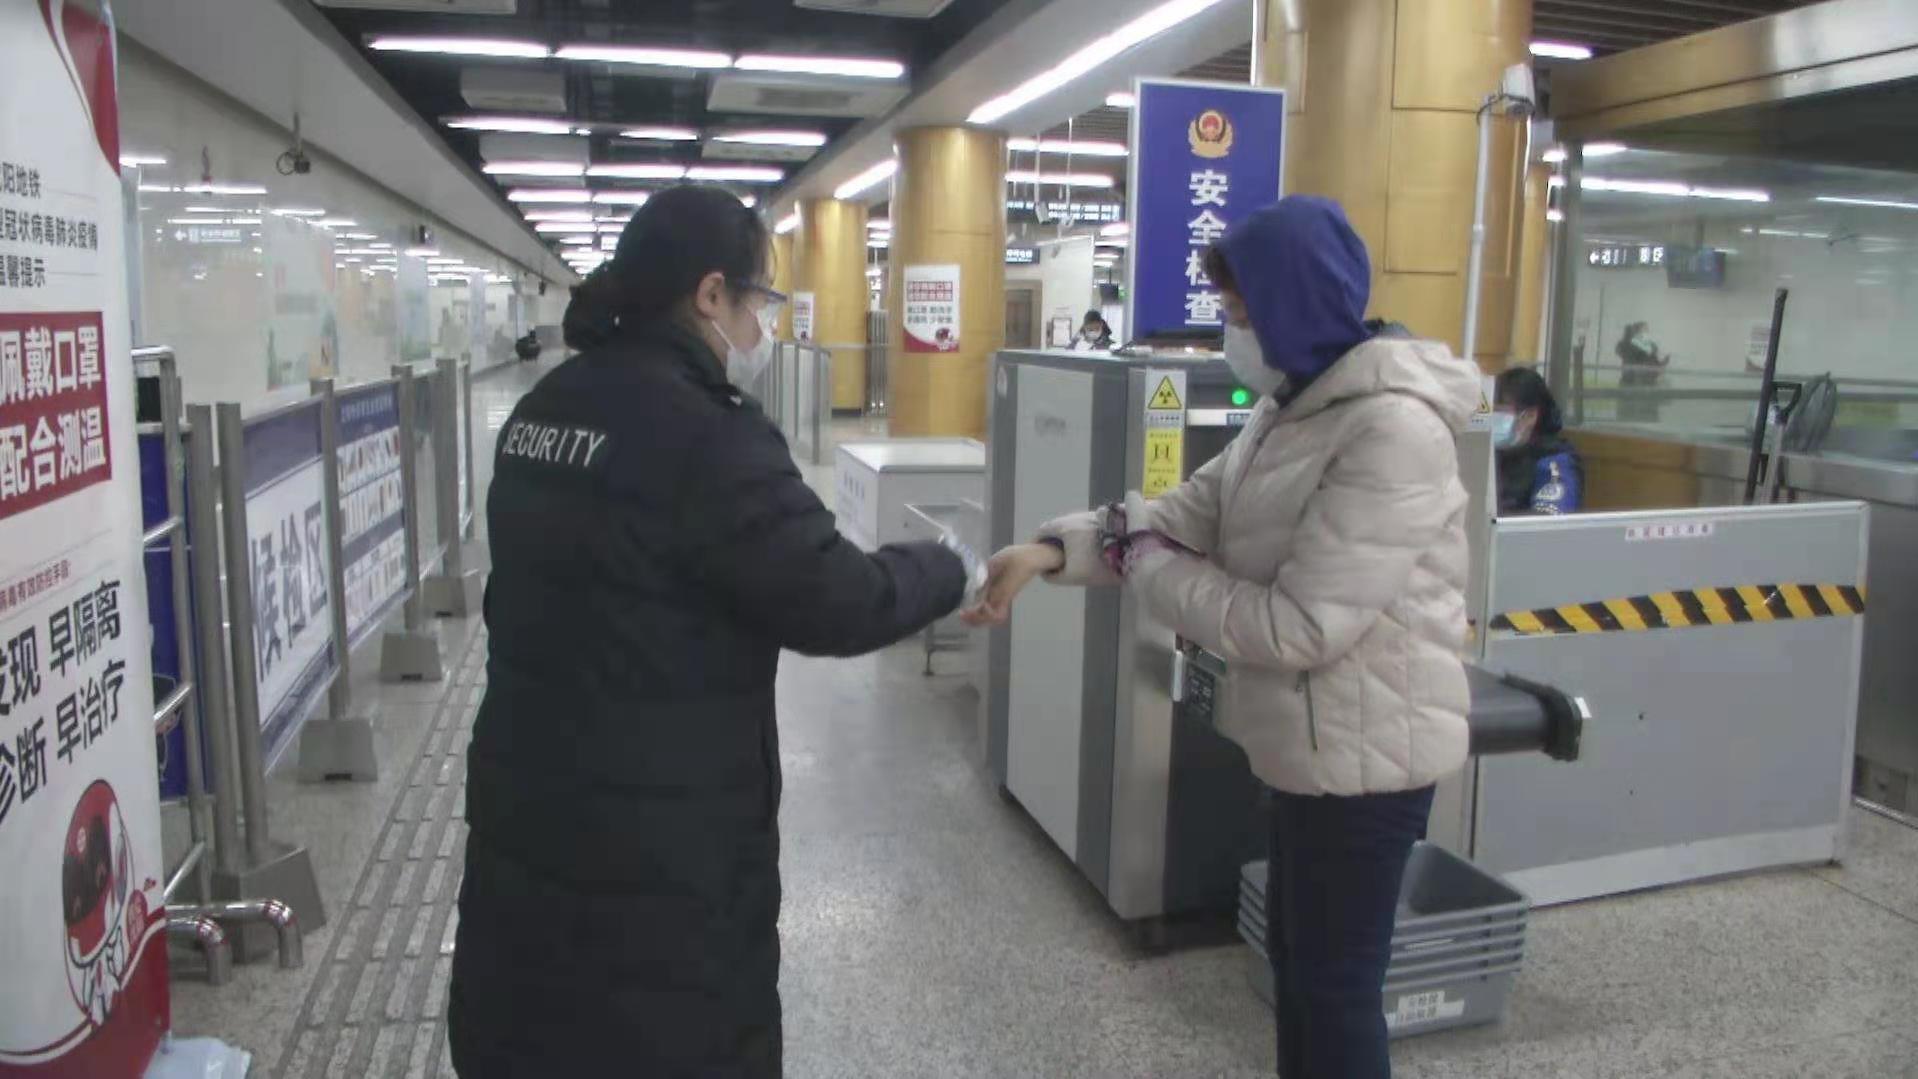 即日起沈阳地铁、公交、道路客运车辆的额定载客量不超过75%